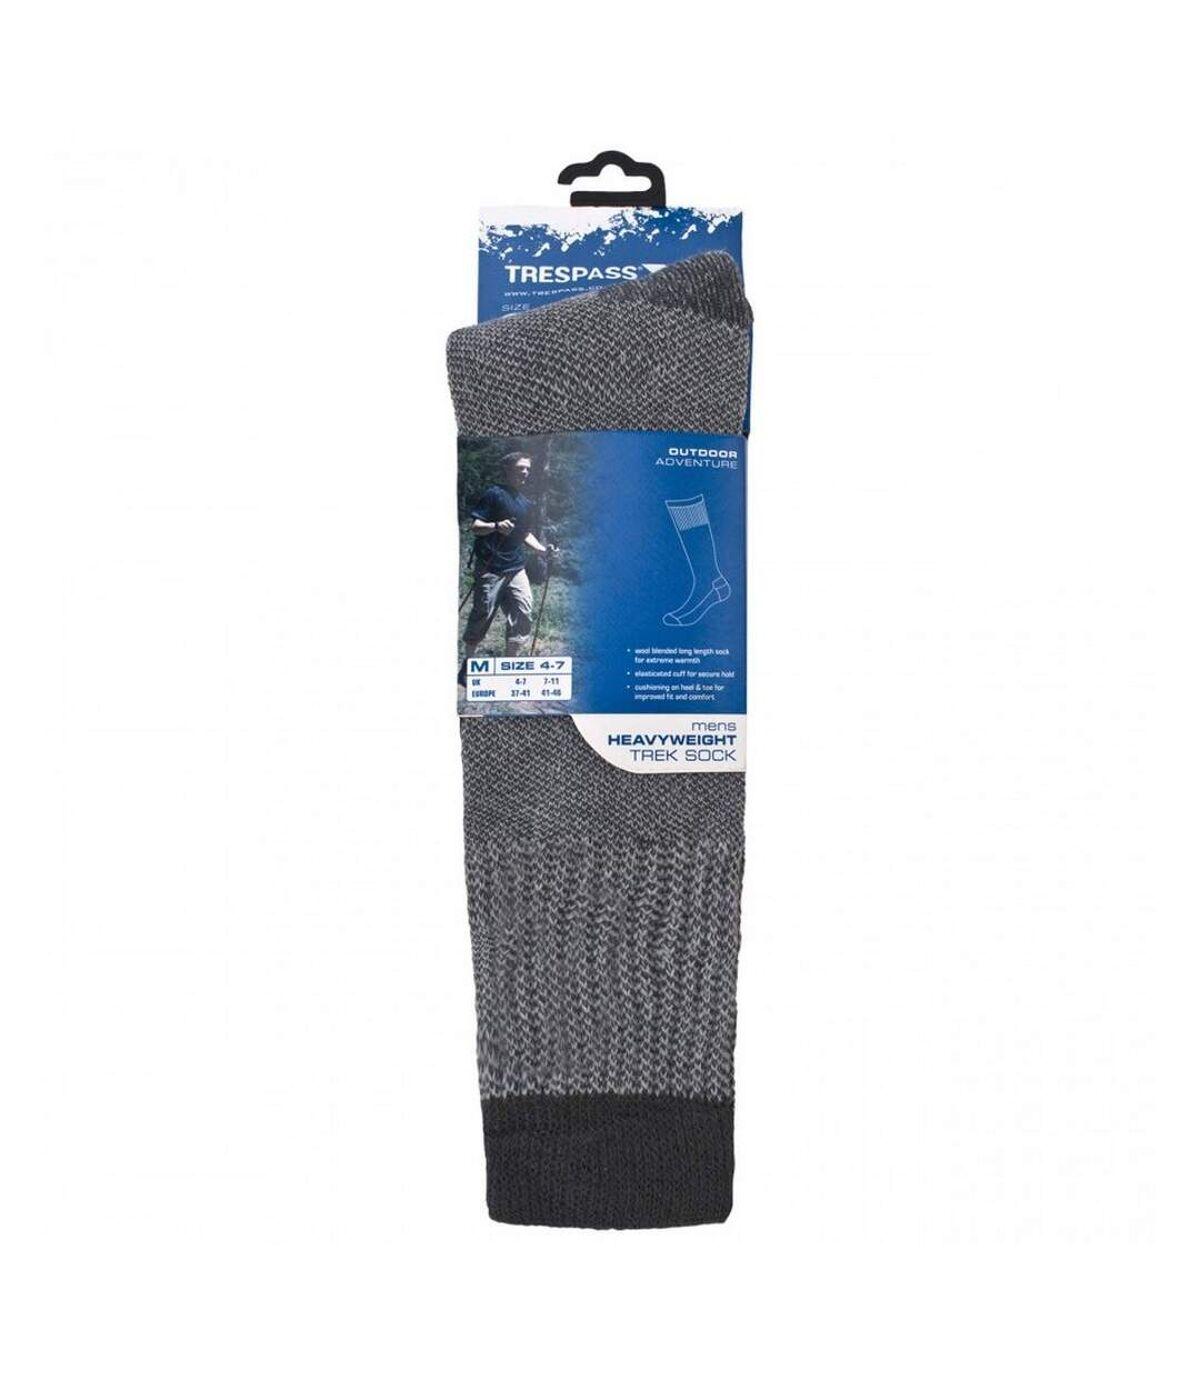 Trespass Mens Brogan Long Length Hiking Boot Socks (1 Pair) (Flint) - UTTP319